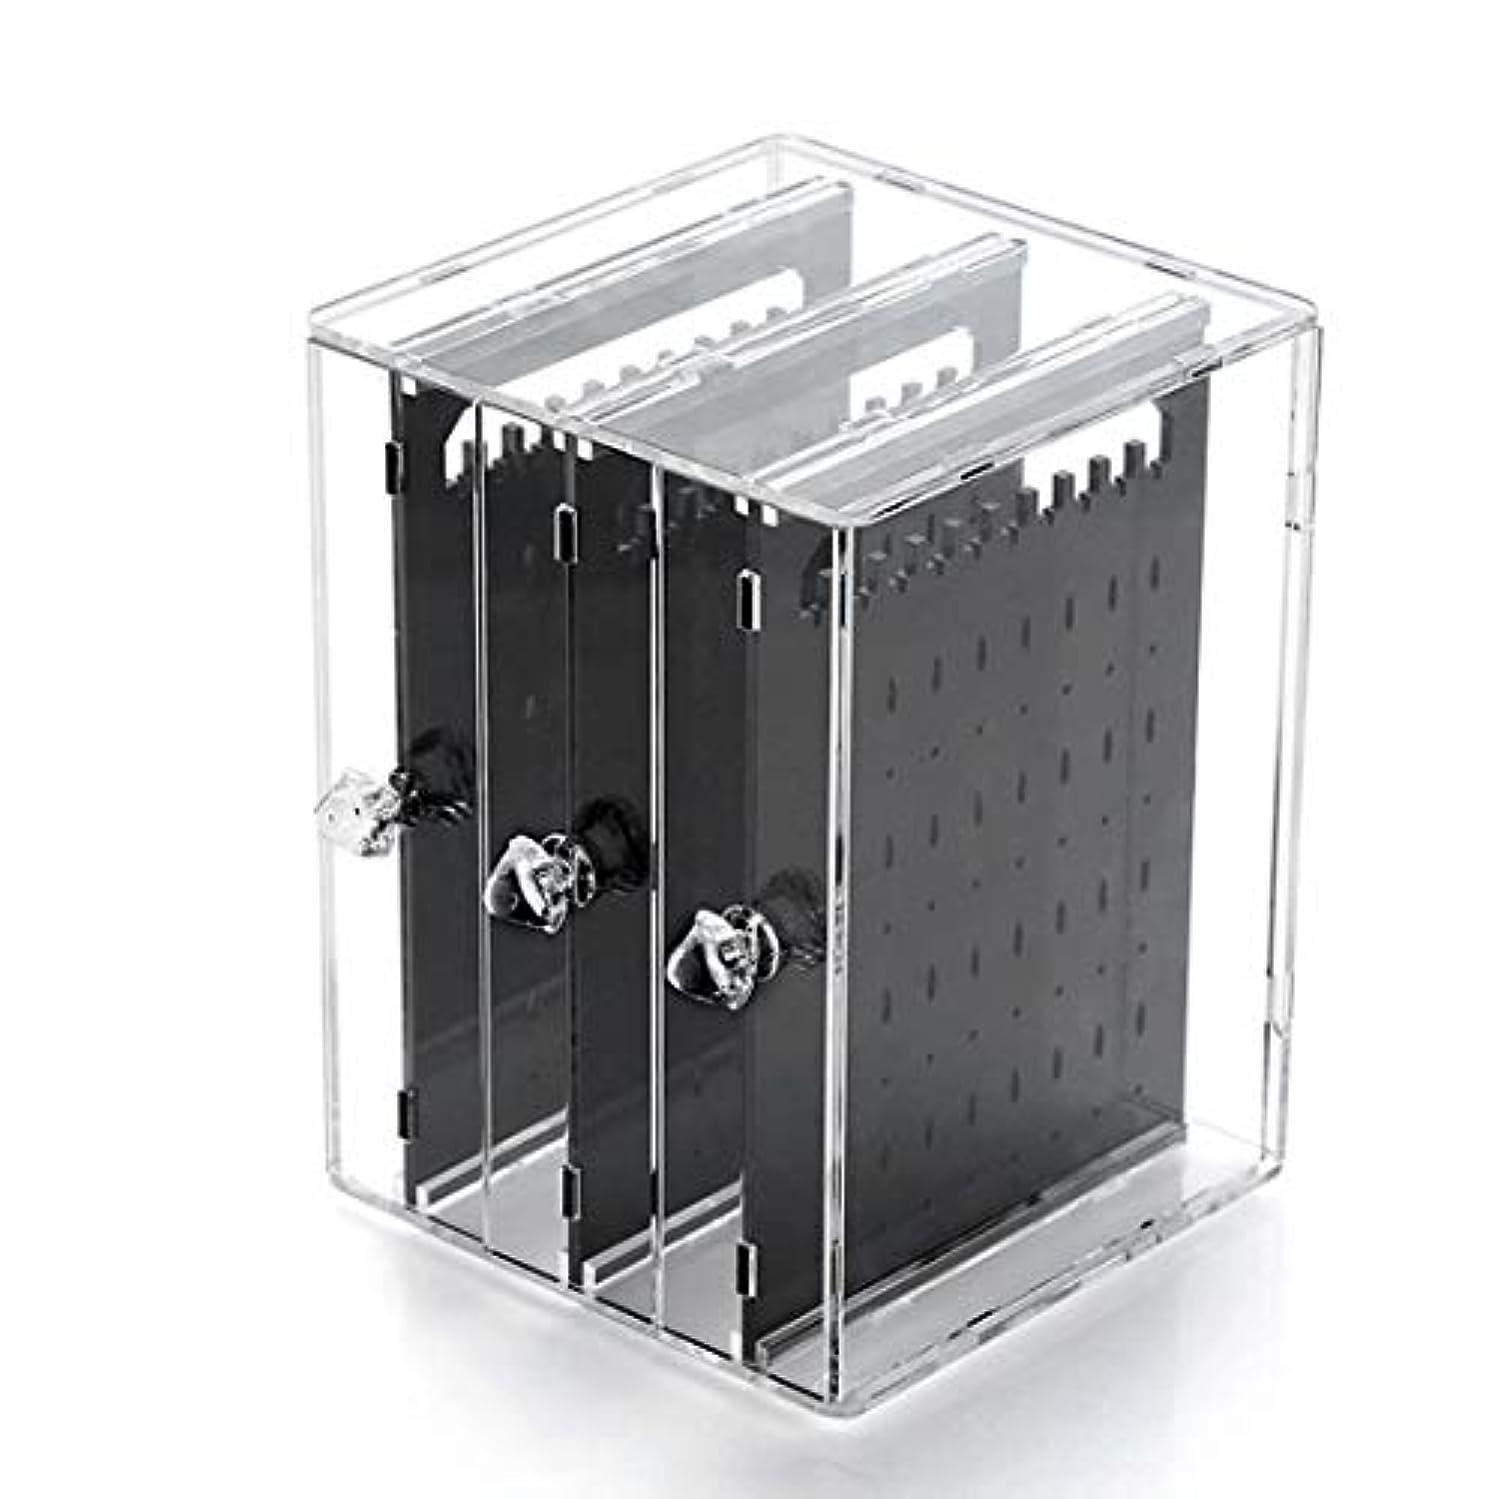 醜い解決デジタルRyohan ピアス&イアリングスタンド ジュエリー収納 アクリル樹脂 引き出し式ピアス収納スタンド アクセサリー収納 (透明)